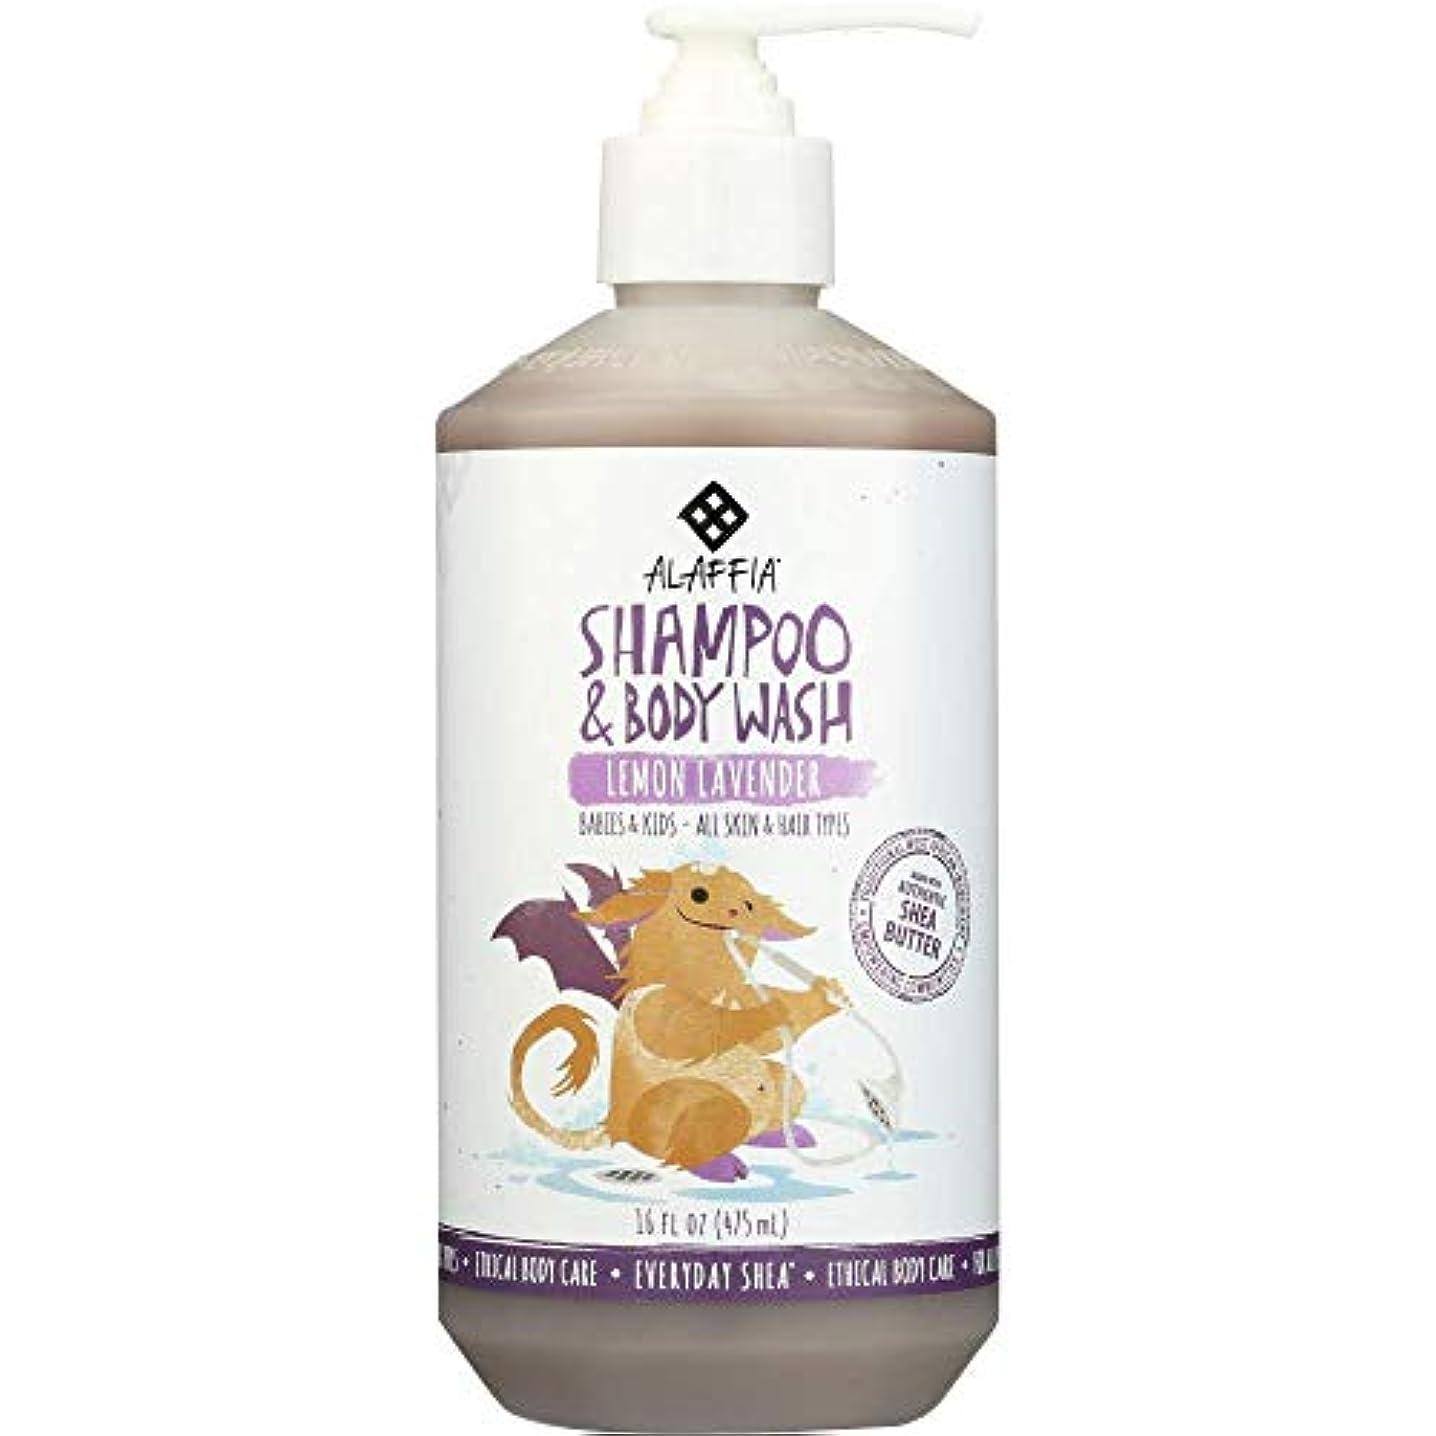 輪郭高度ドライバAlaffia Everyday Shea Shampoo & Body Wash for Babies and Up Lemon Lavender 16 oz Size: 16 oz CustomerPackageType: Standard Packaging, Model: C580, Baby & Child Shop by Baby & Child Shop